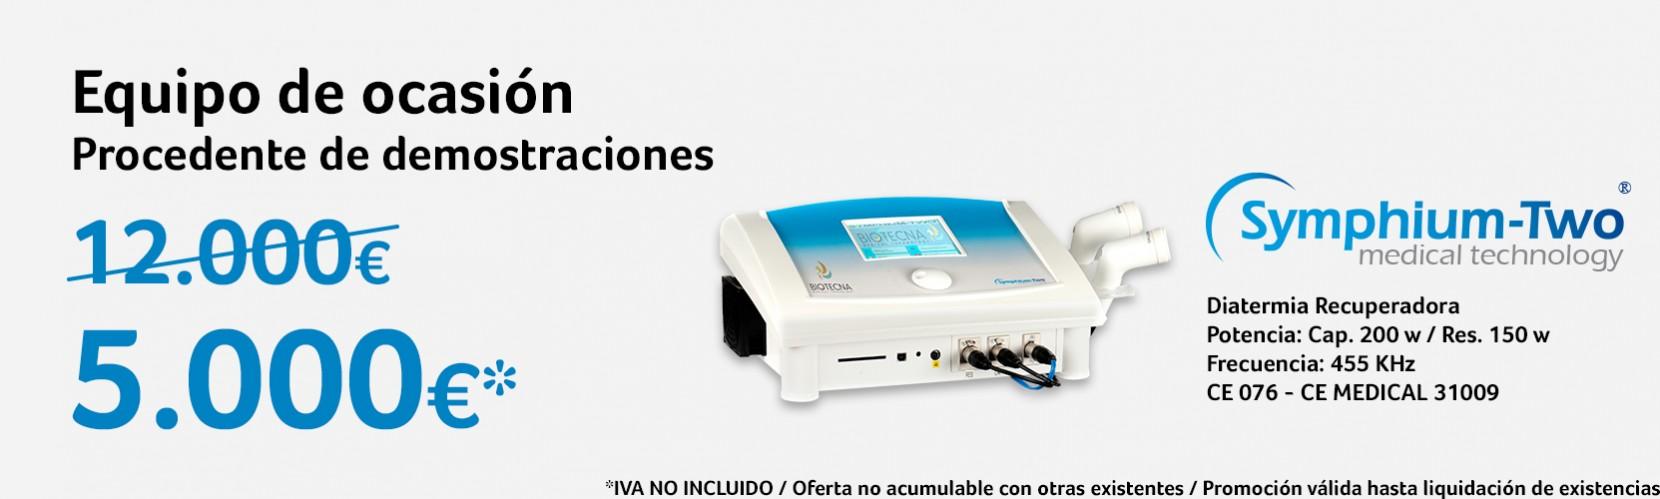 Equipo-de-Ocasión-Symphium-Two-e1554240007119